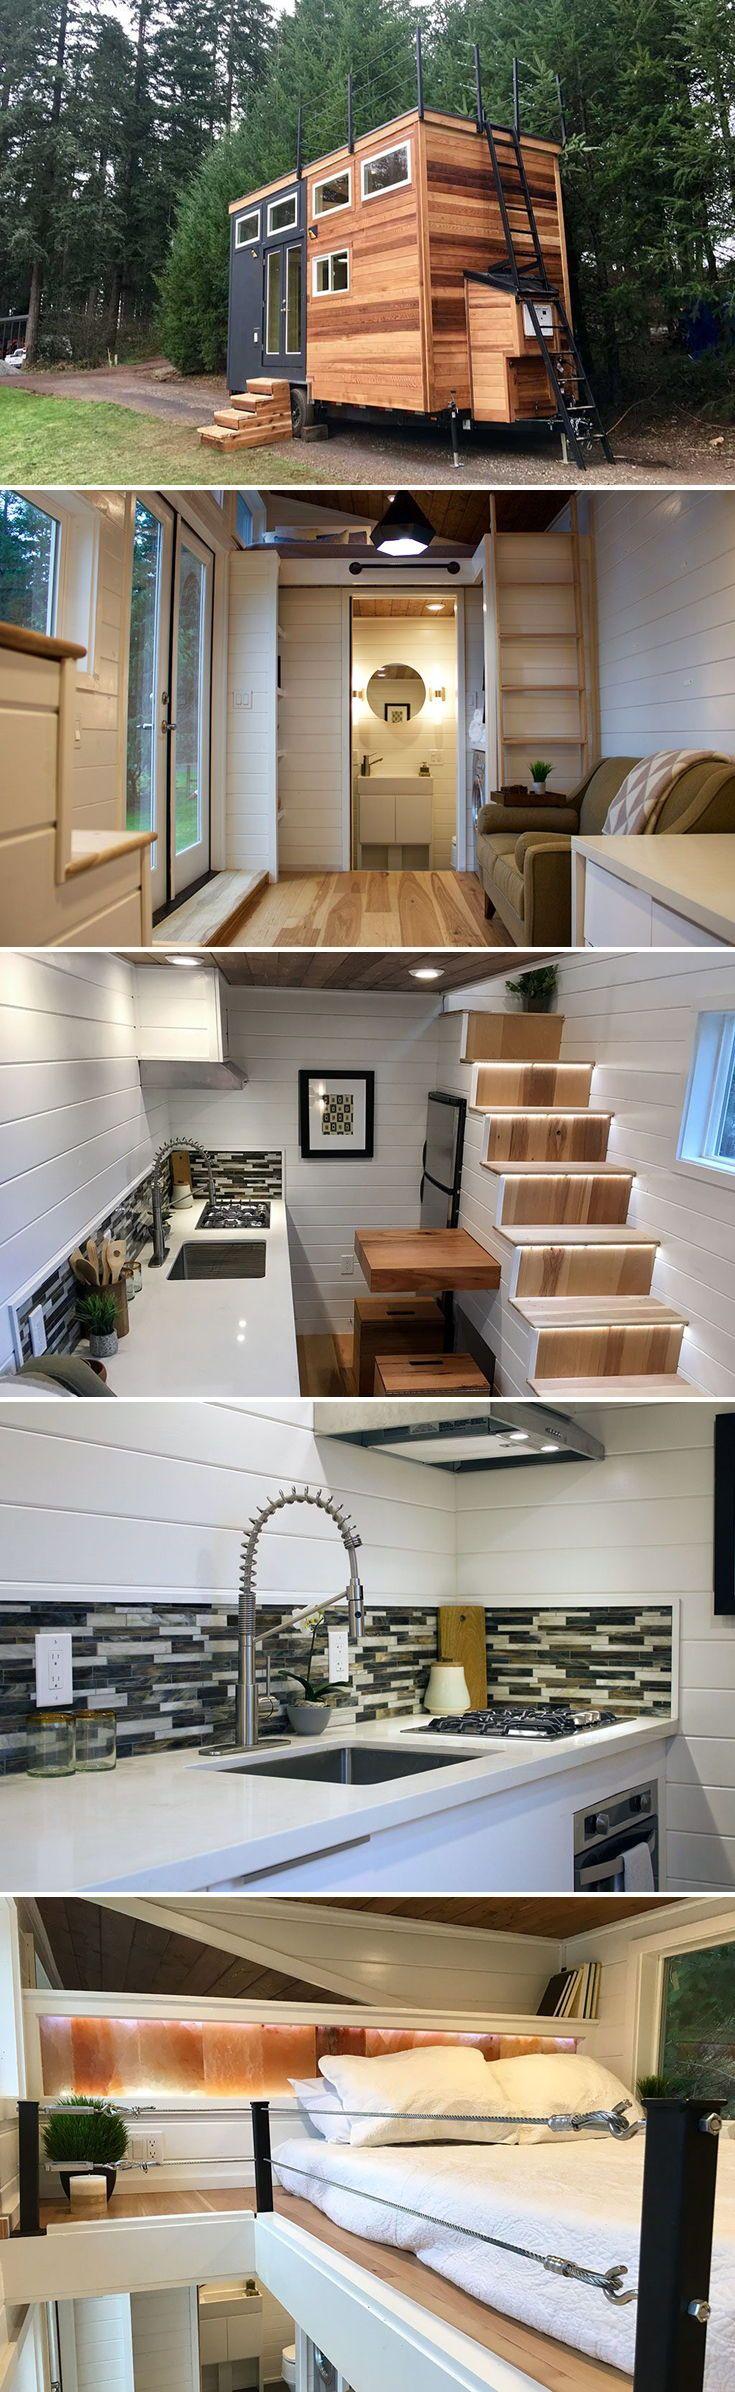 Tiny Home of Zen by Tiny Heirloom - Tiny Living